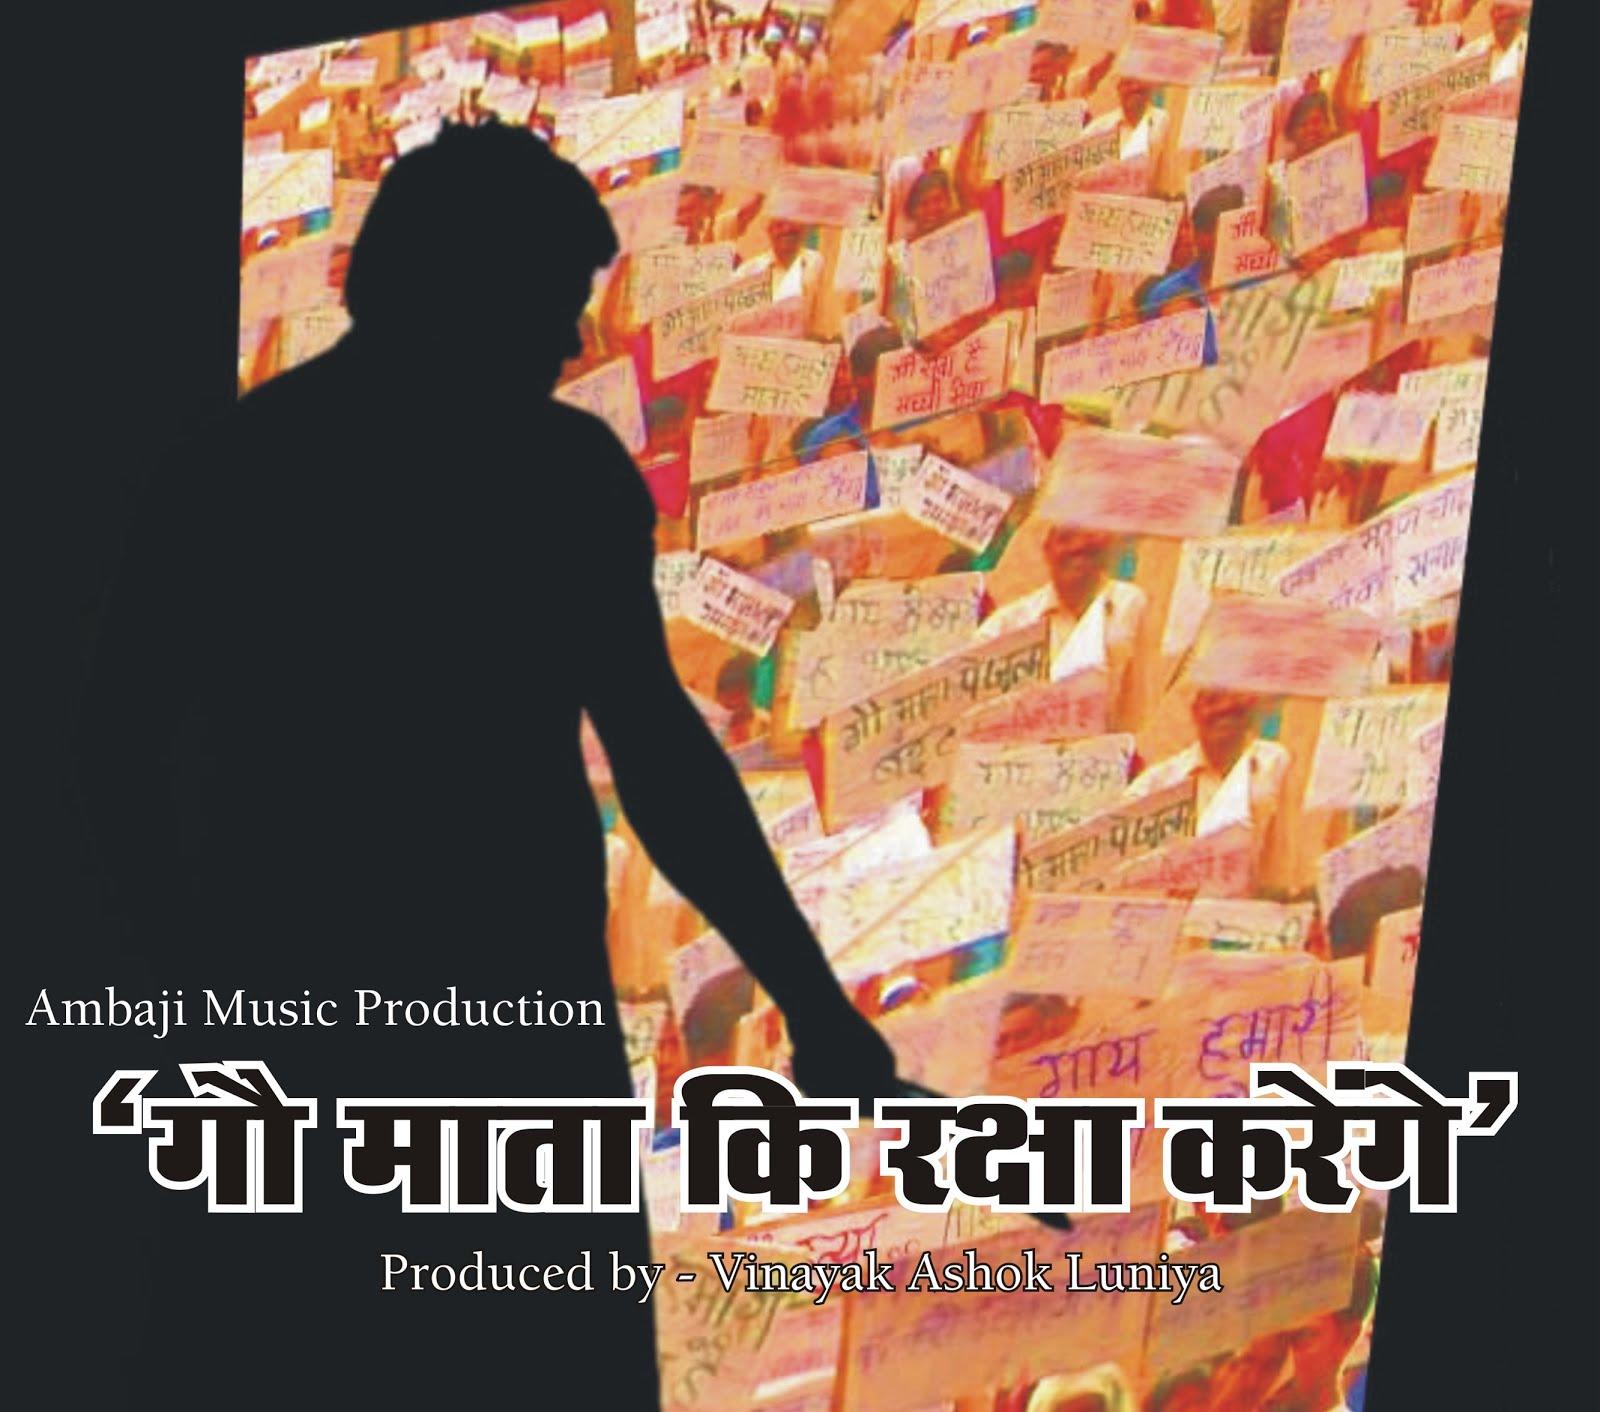 """cow-protection-Musical-video-album-Release-on-May-11-in-India-America-Nepal-and-Bhutan-गौ संरक्षण पर केंद्रित """"गौ माता की रक्षा करेंगे"""" म्यूजिकल वीडियो एलबम भारत, अमेरिका, नेपाल व भूटान में 11 मई को होगा रिलीज़"""